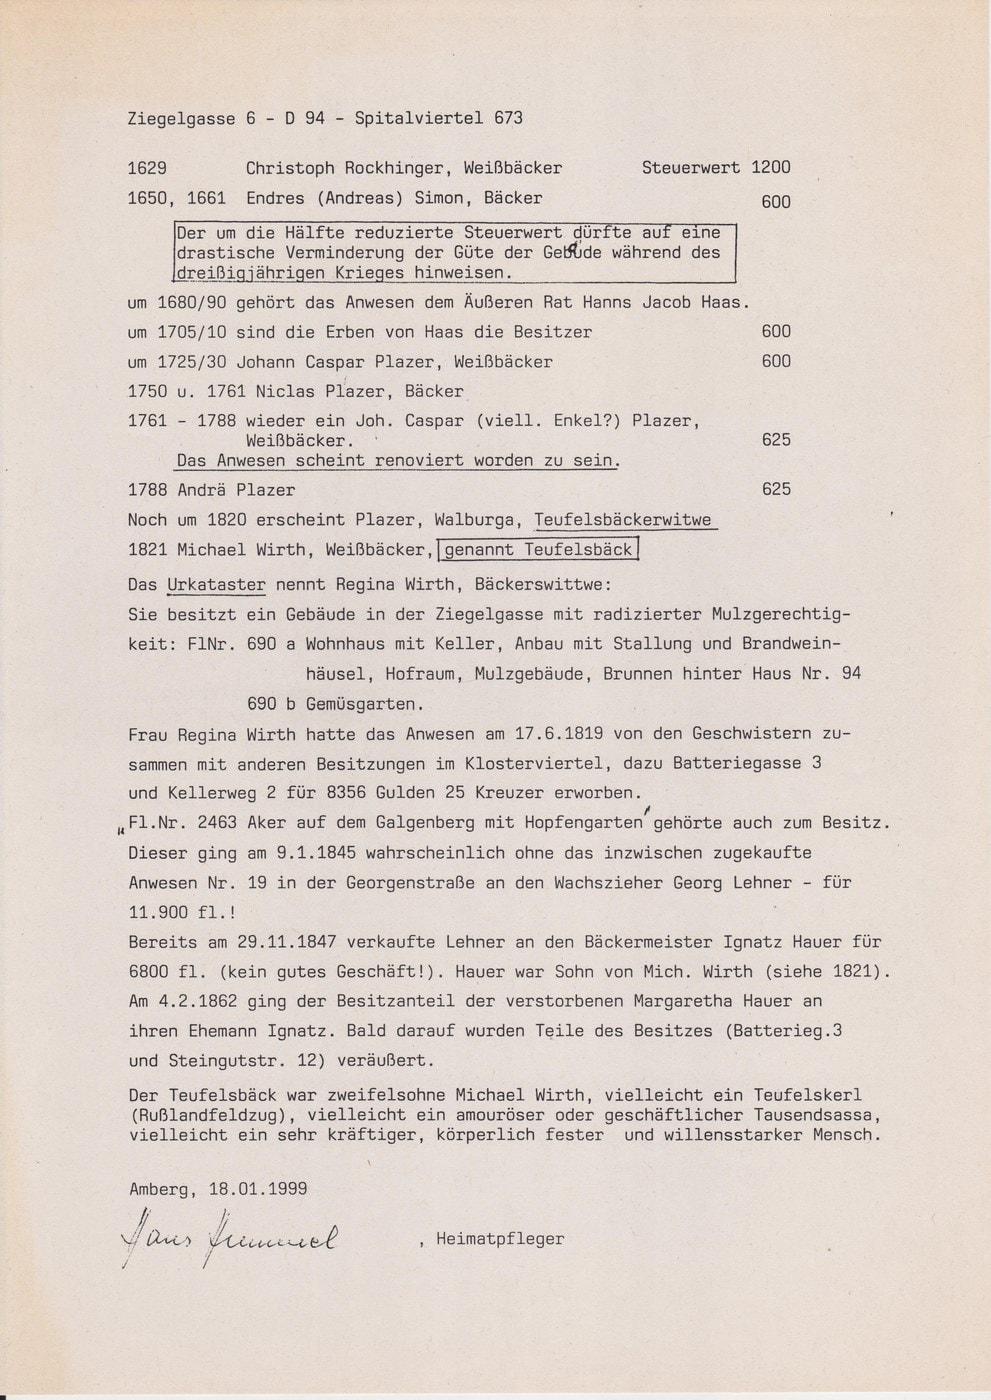 hans-hummel-heimatpfleger-geschichte-der-ziegelgasse-6